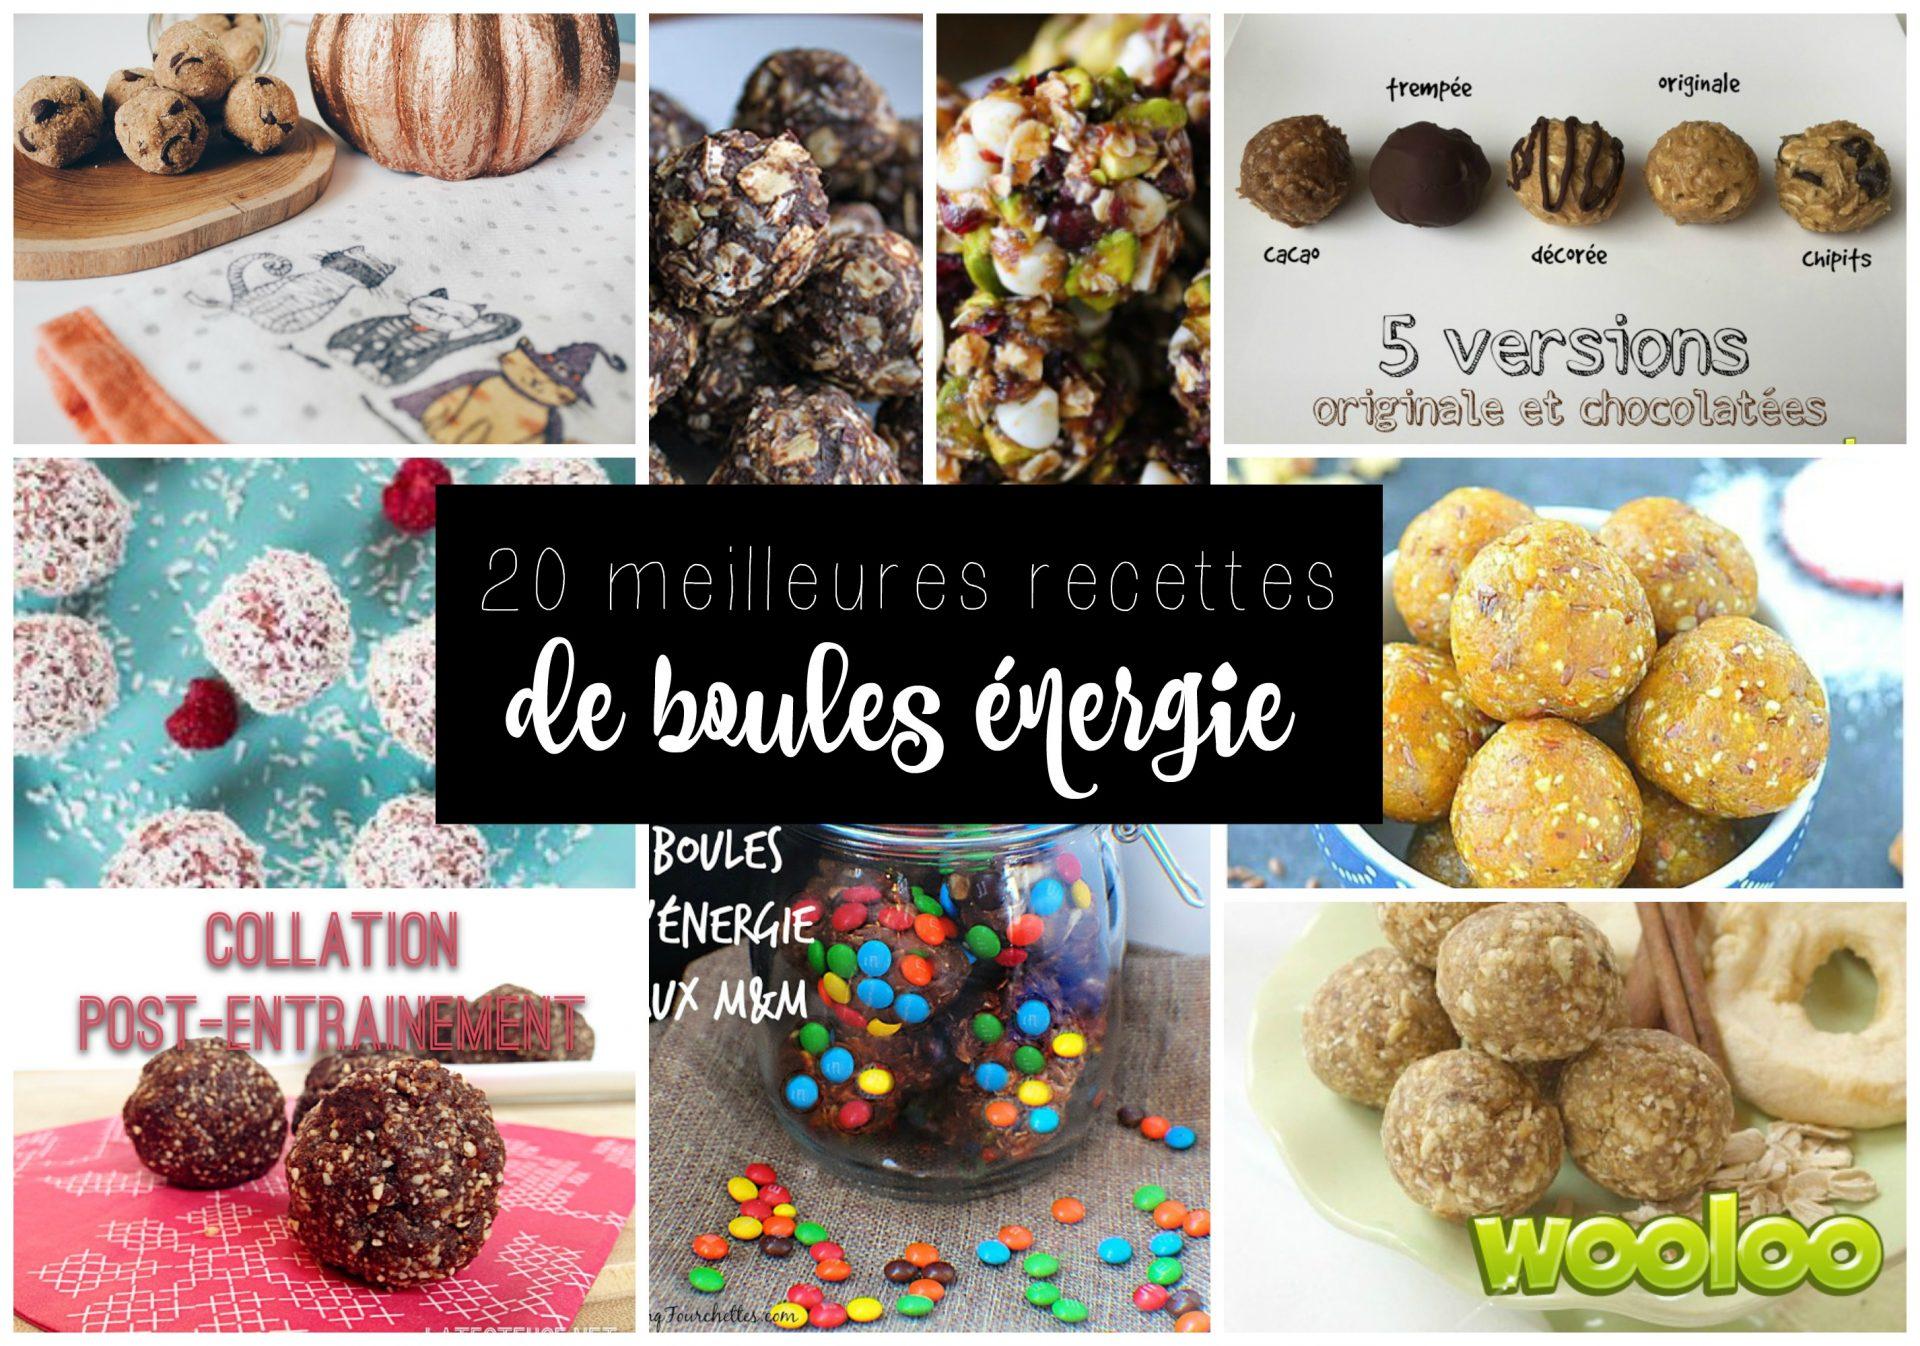 20 meilleures recettes de boules d energie